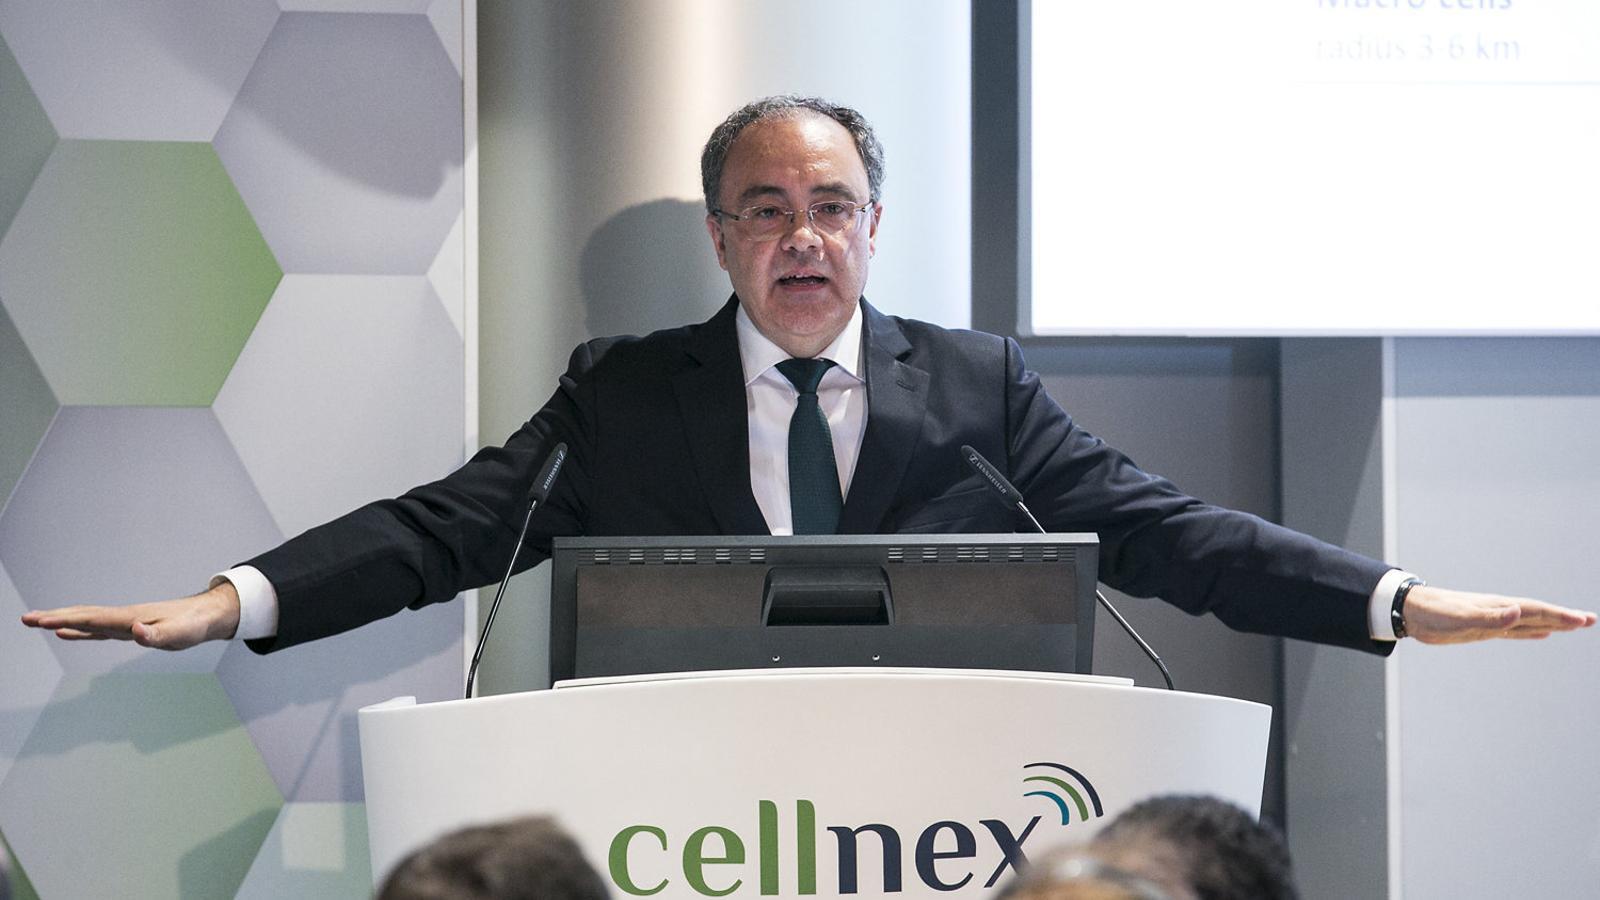 Cellnex també serà italiana: els Benetton la compraran per 1.500 M€